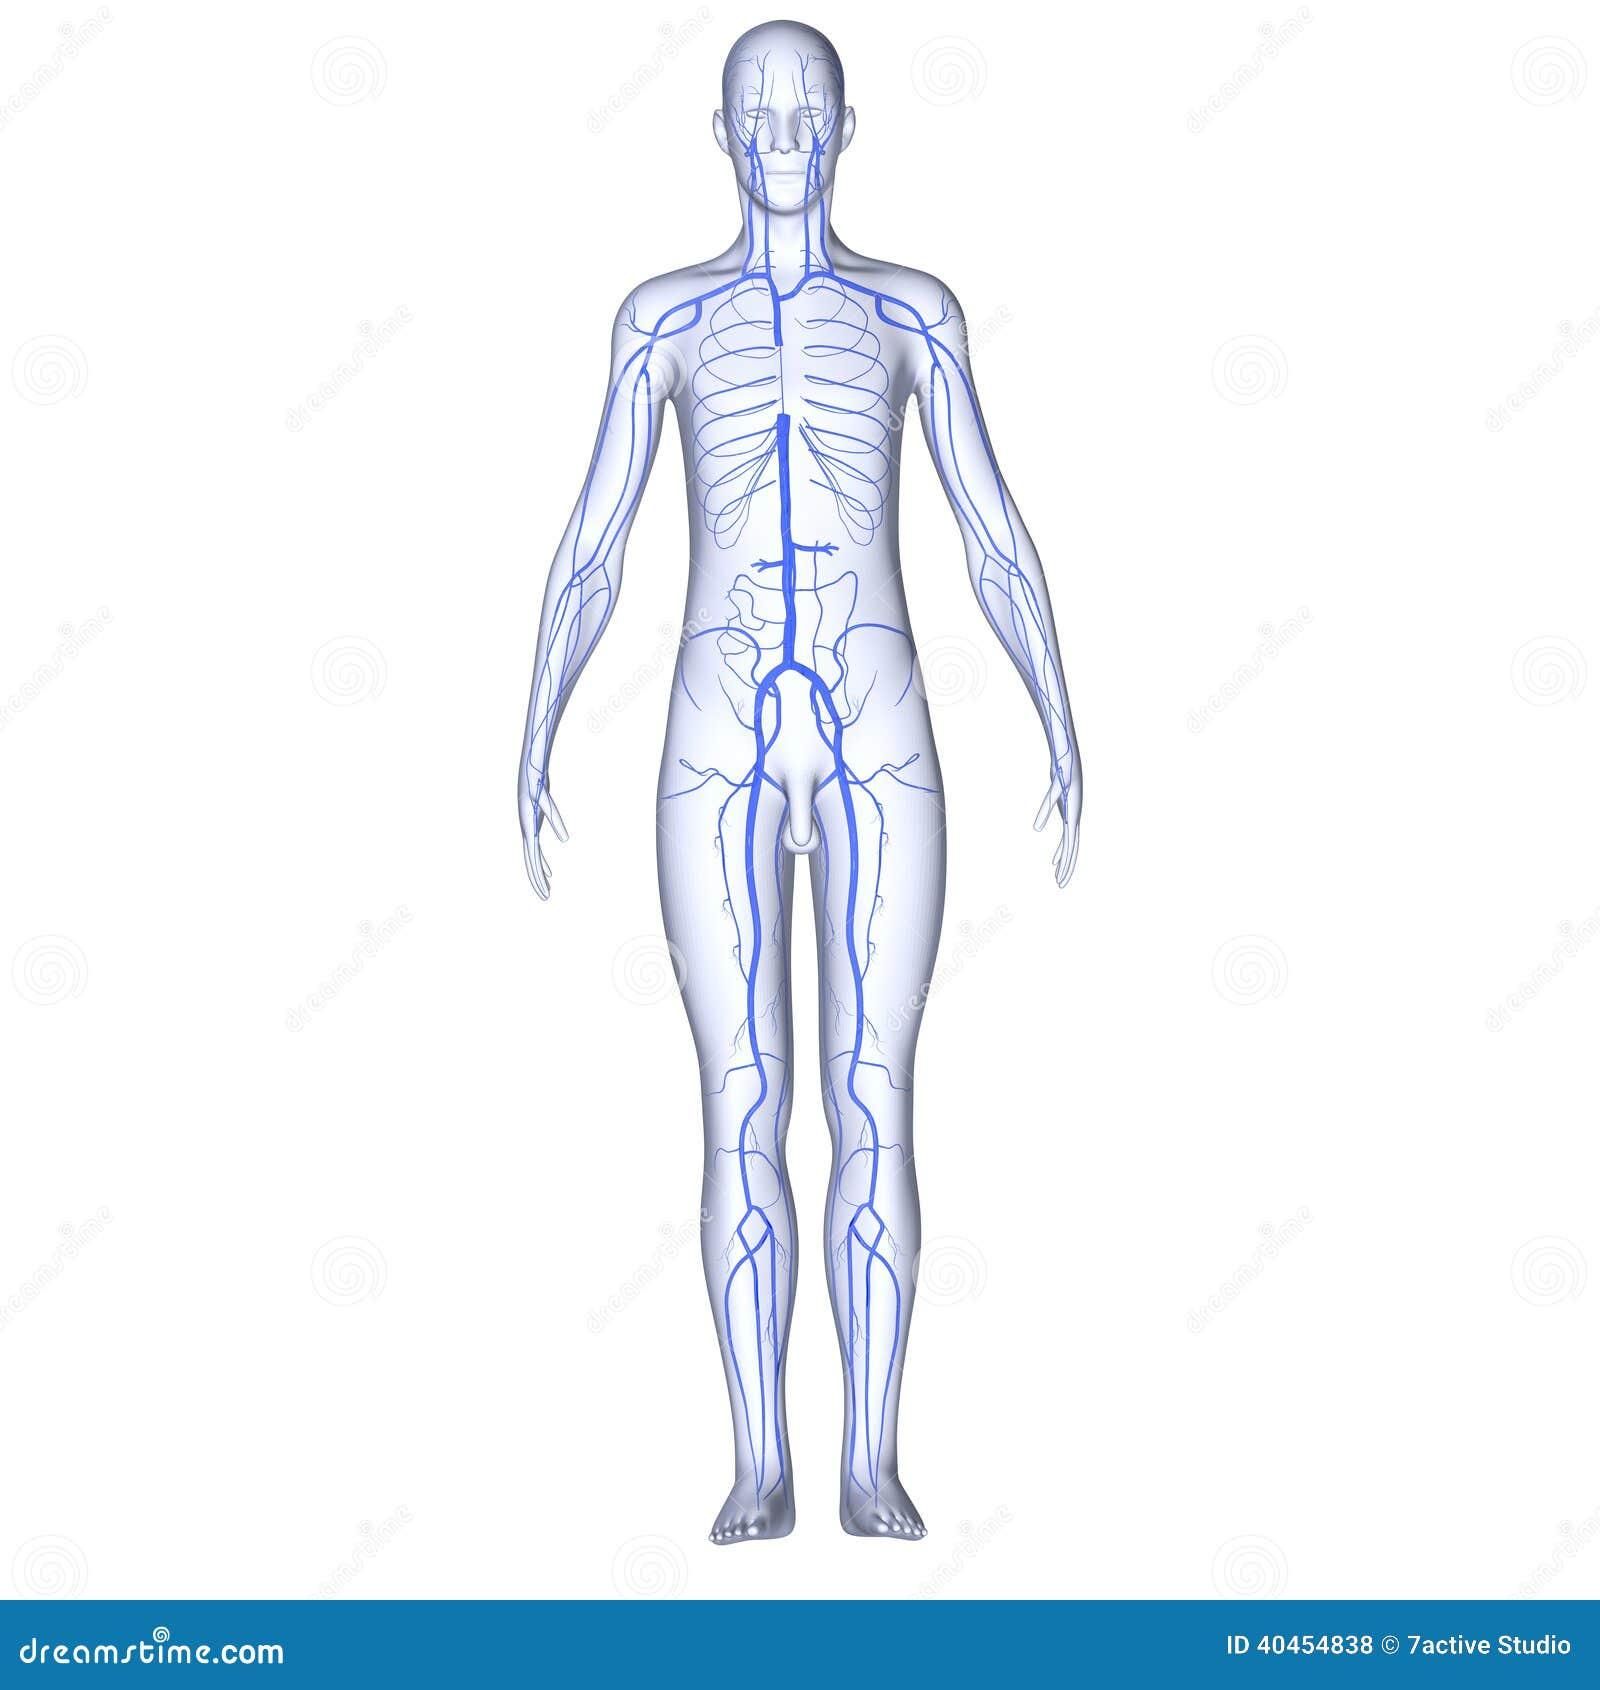 Venas con el cuerpo stock de ilustración. Ilustración de forma ...